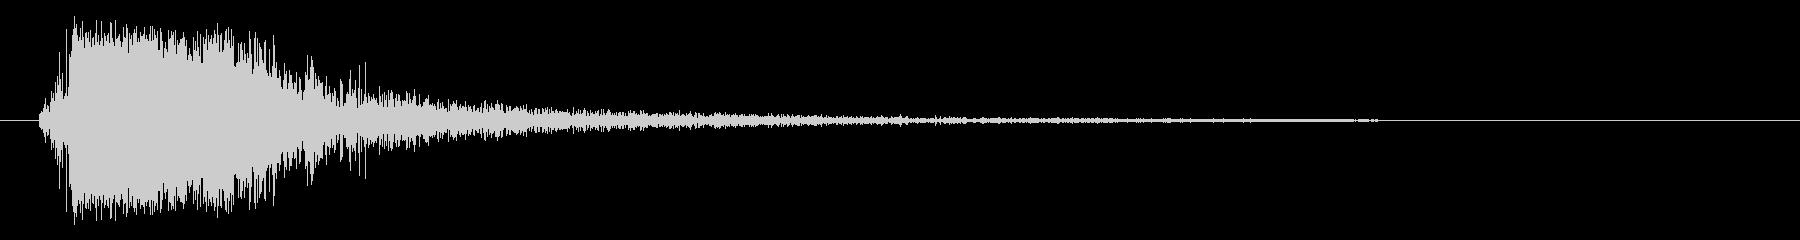 パンッ (乾いた衝撃音)の未再生の波形